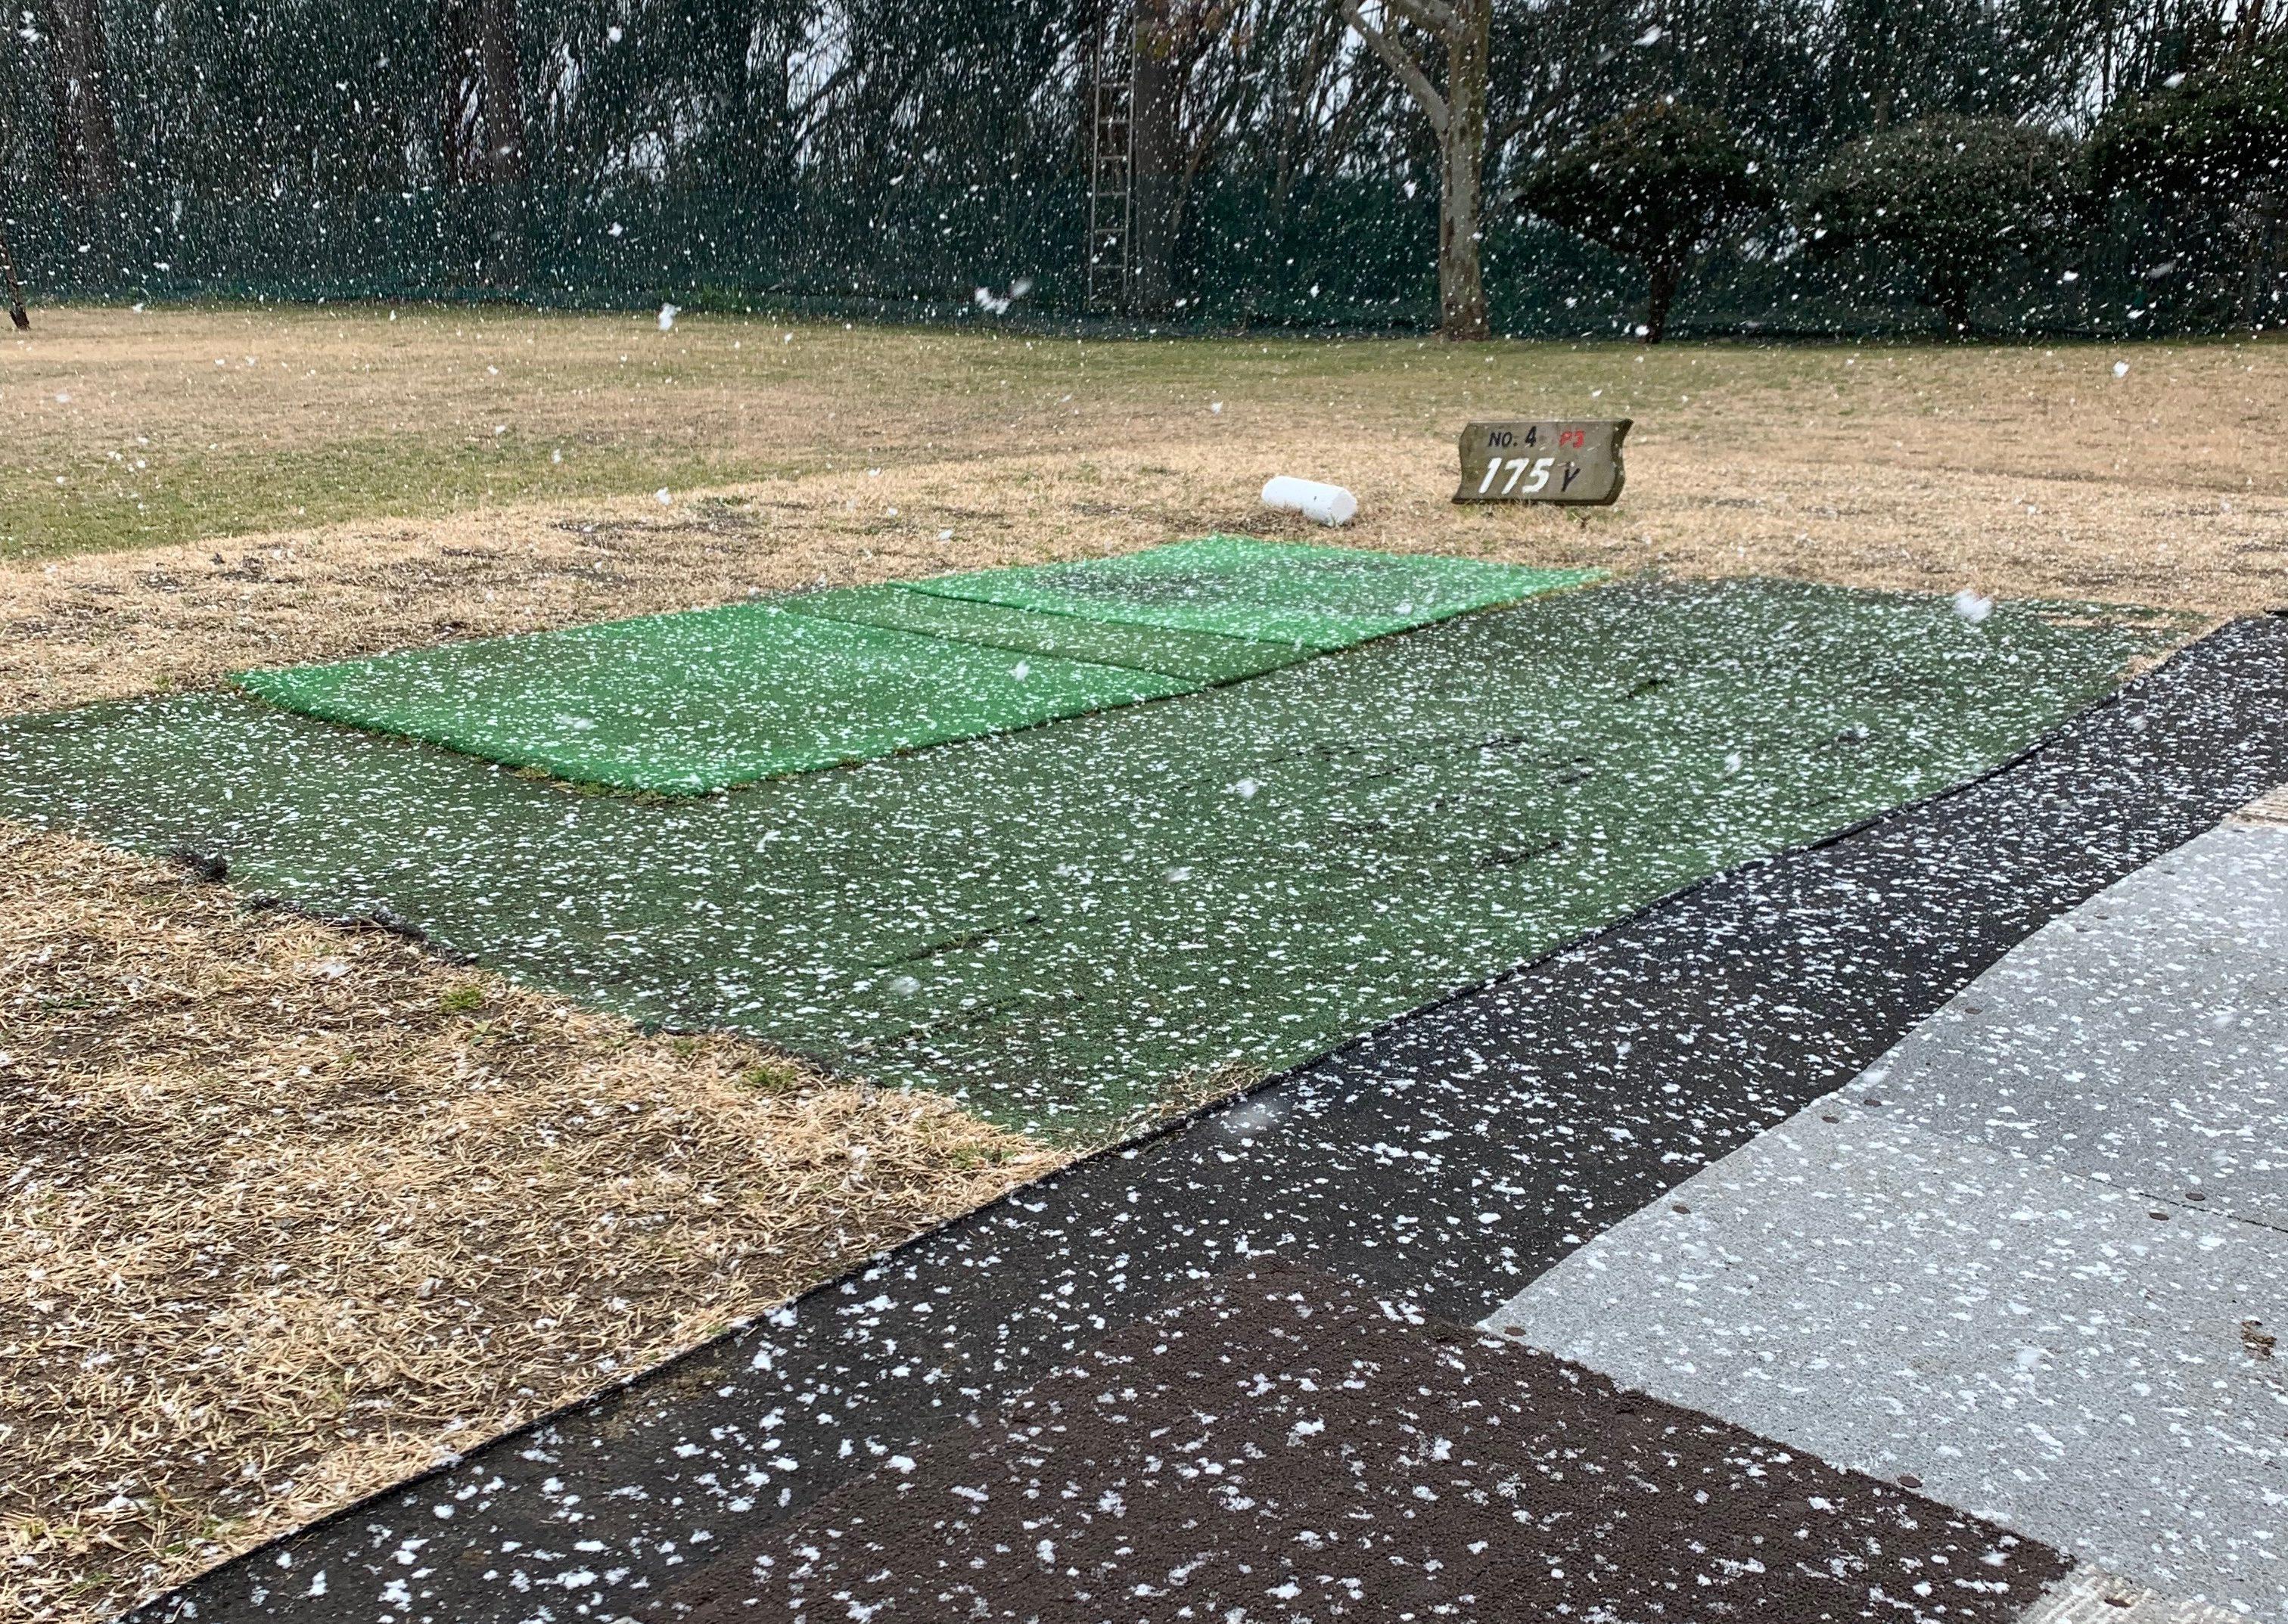 降雪!シーサイドゴルフ木更津でショートコースの巻!